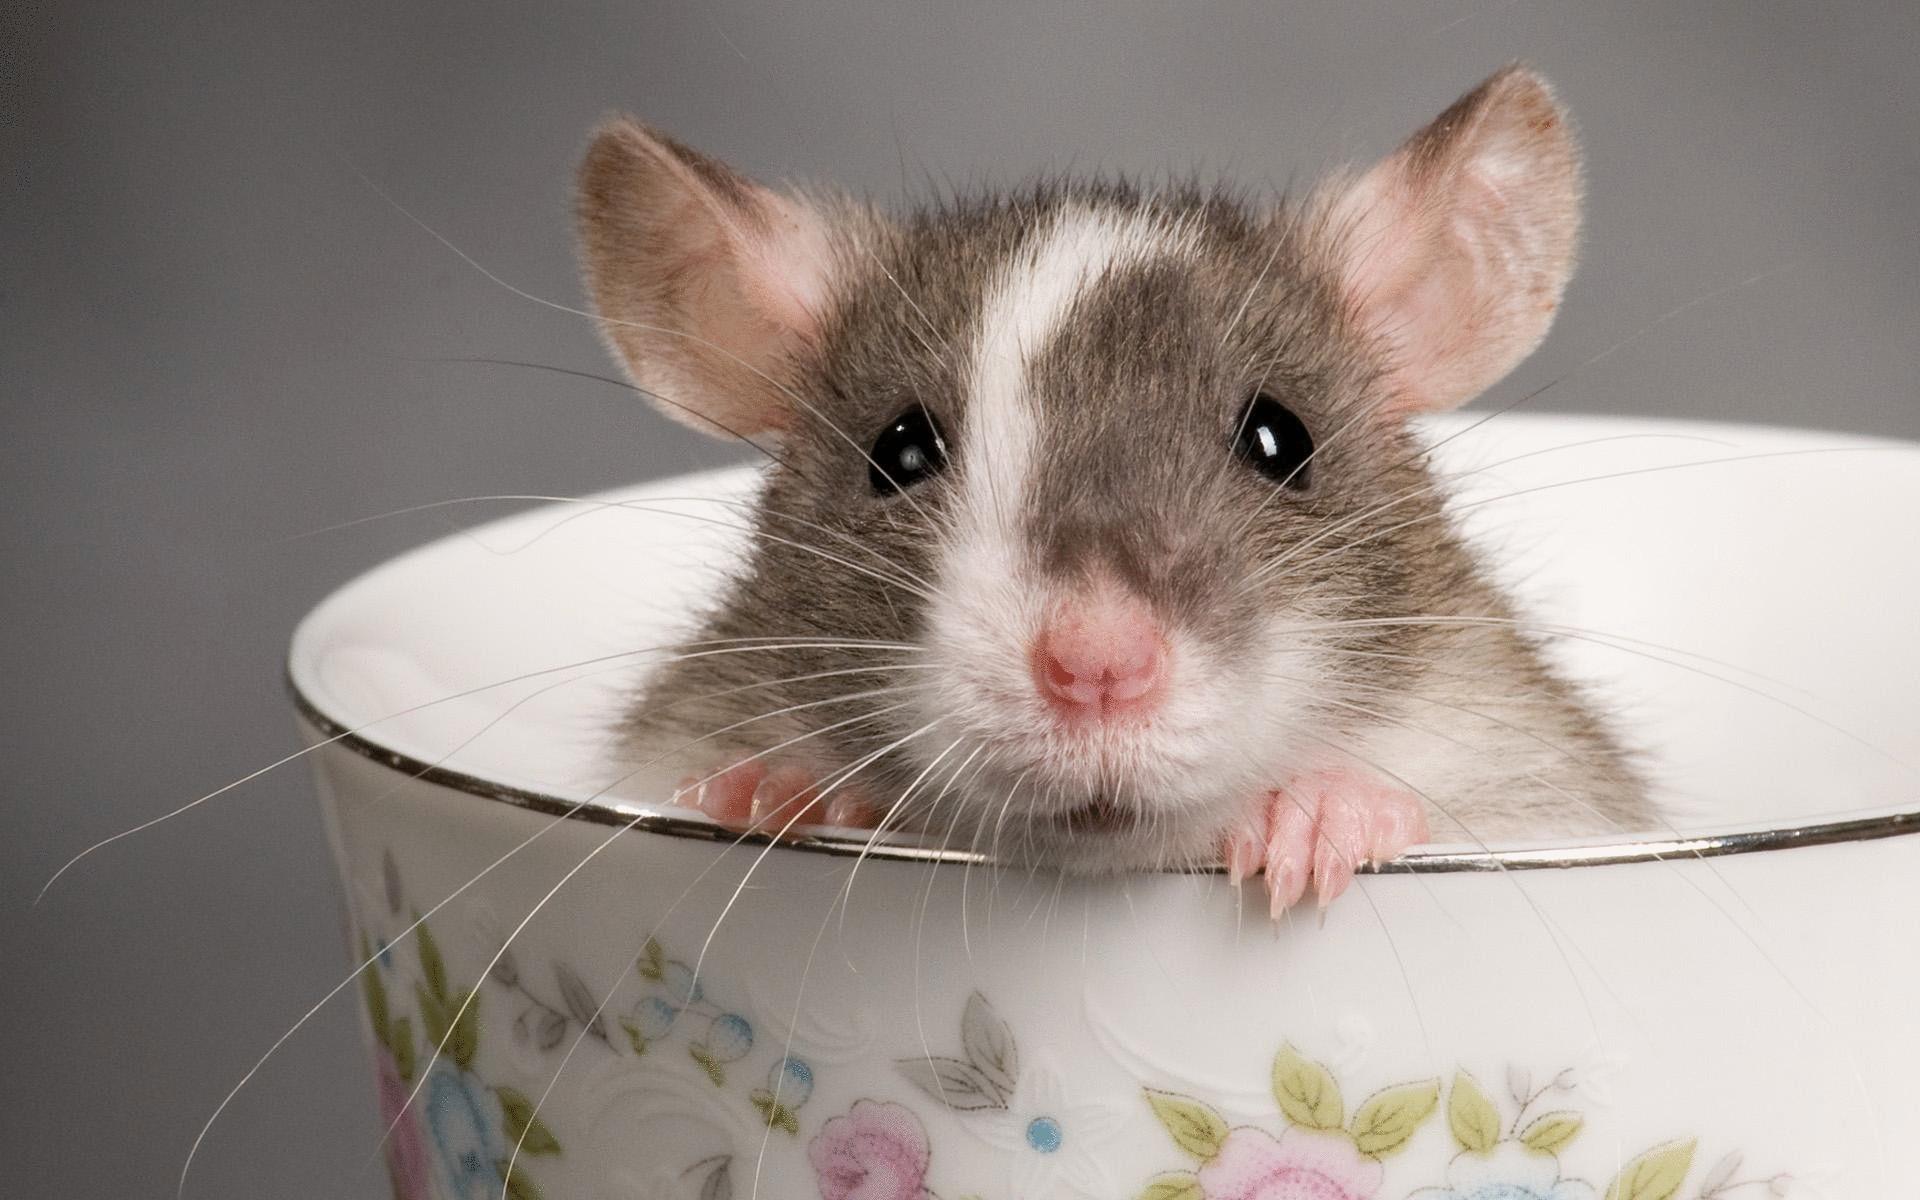 Мышь выглядывает из кастрюли